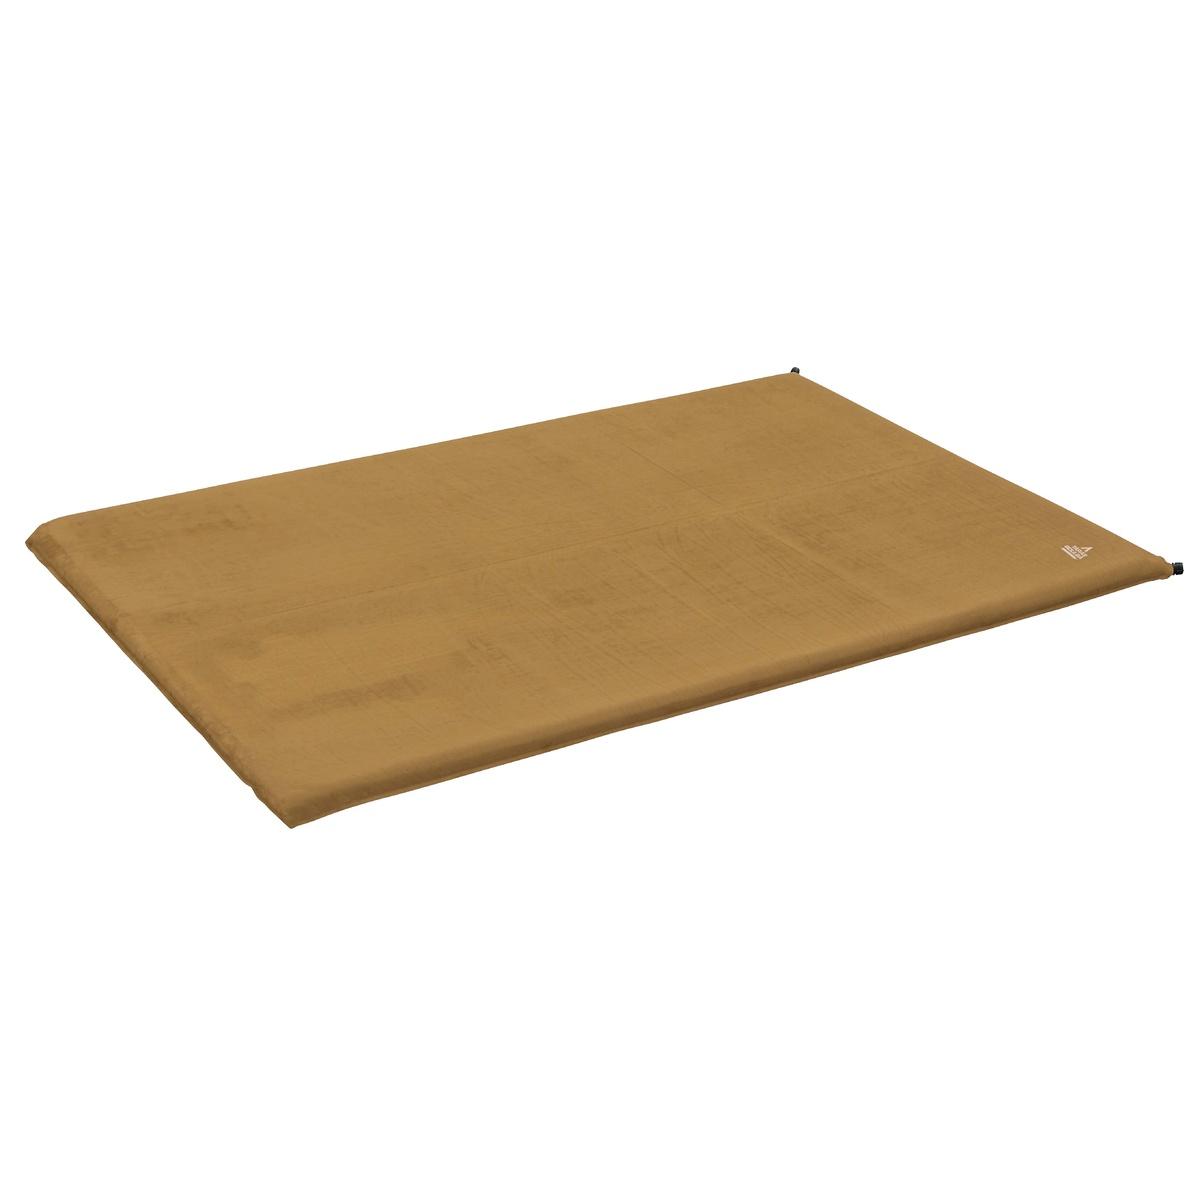 BOULBA(タラスブルバ) コンフォートインフレータブルマットW TARAS コヨーテブラウン TB-S19-015-029 スリーピングバッグアクセサリー キャンプ用品 寝袋